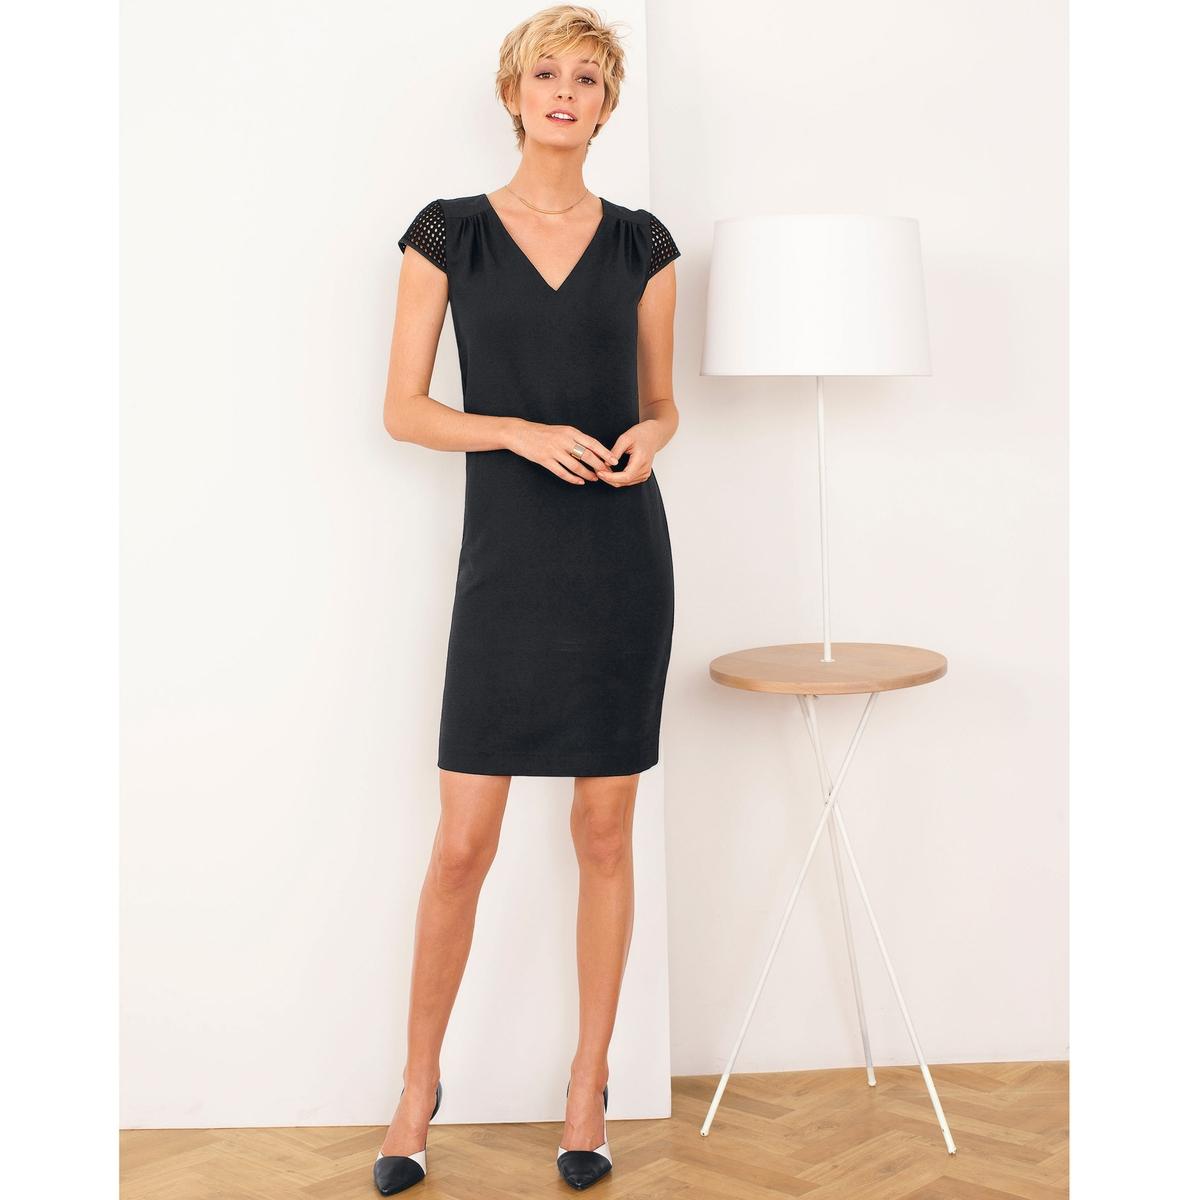 Платье прямоеПрямое платье. 97% полиэстера, 3% эластана. Рукава из гипюра, 100% хлопка. V-образный вырез. Длина ок. 92 см.<br><br>Цвет: черный<br>Размер: 36 (FR) - 42 (RUS)